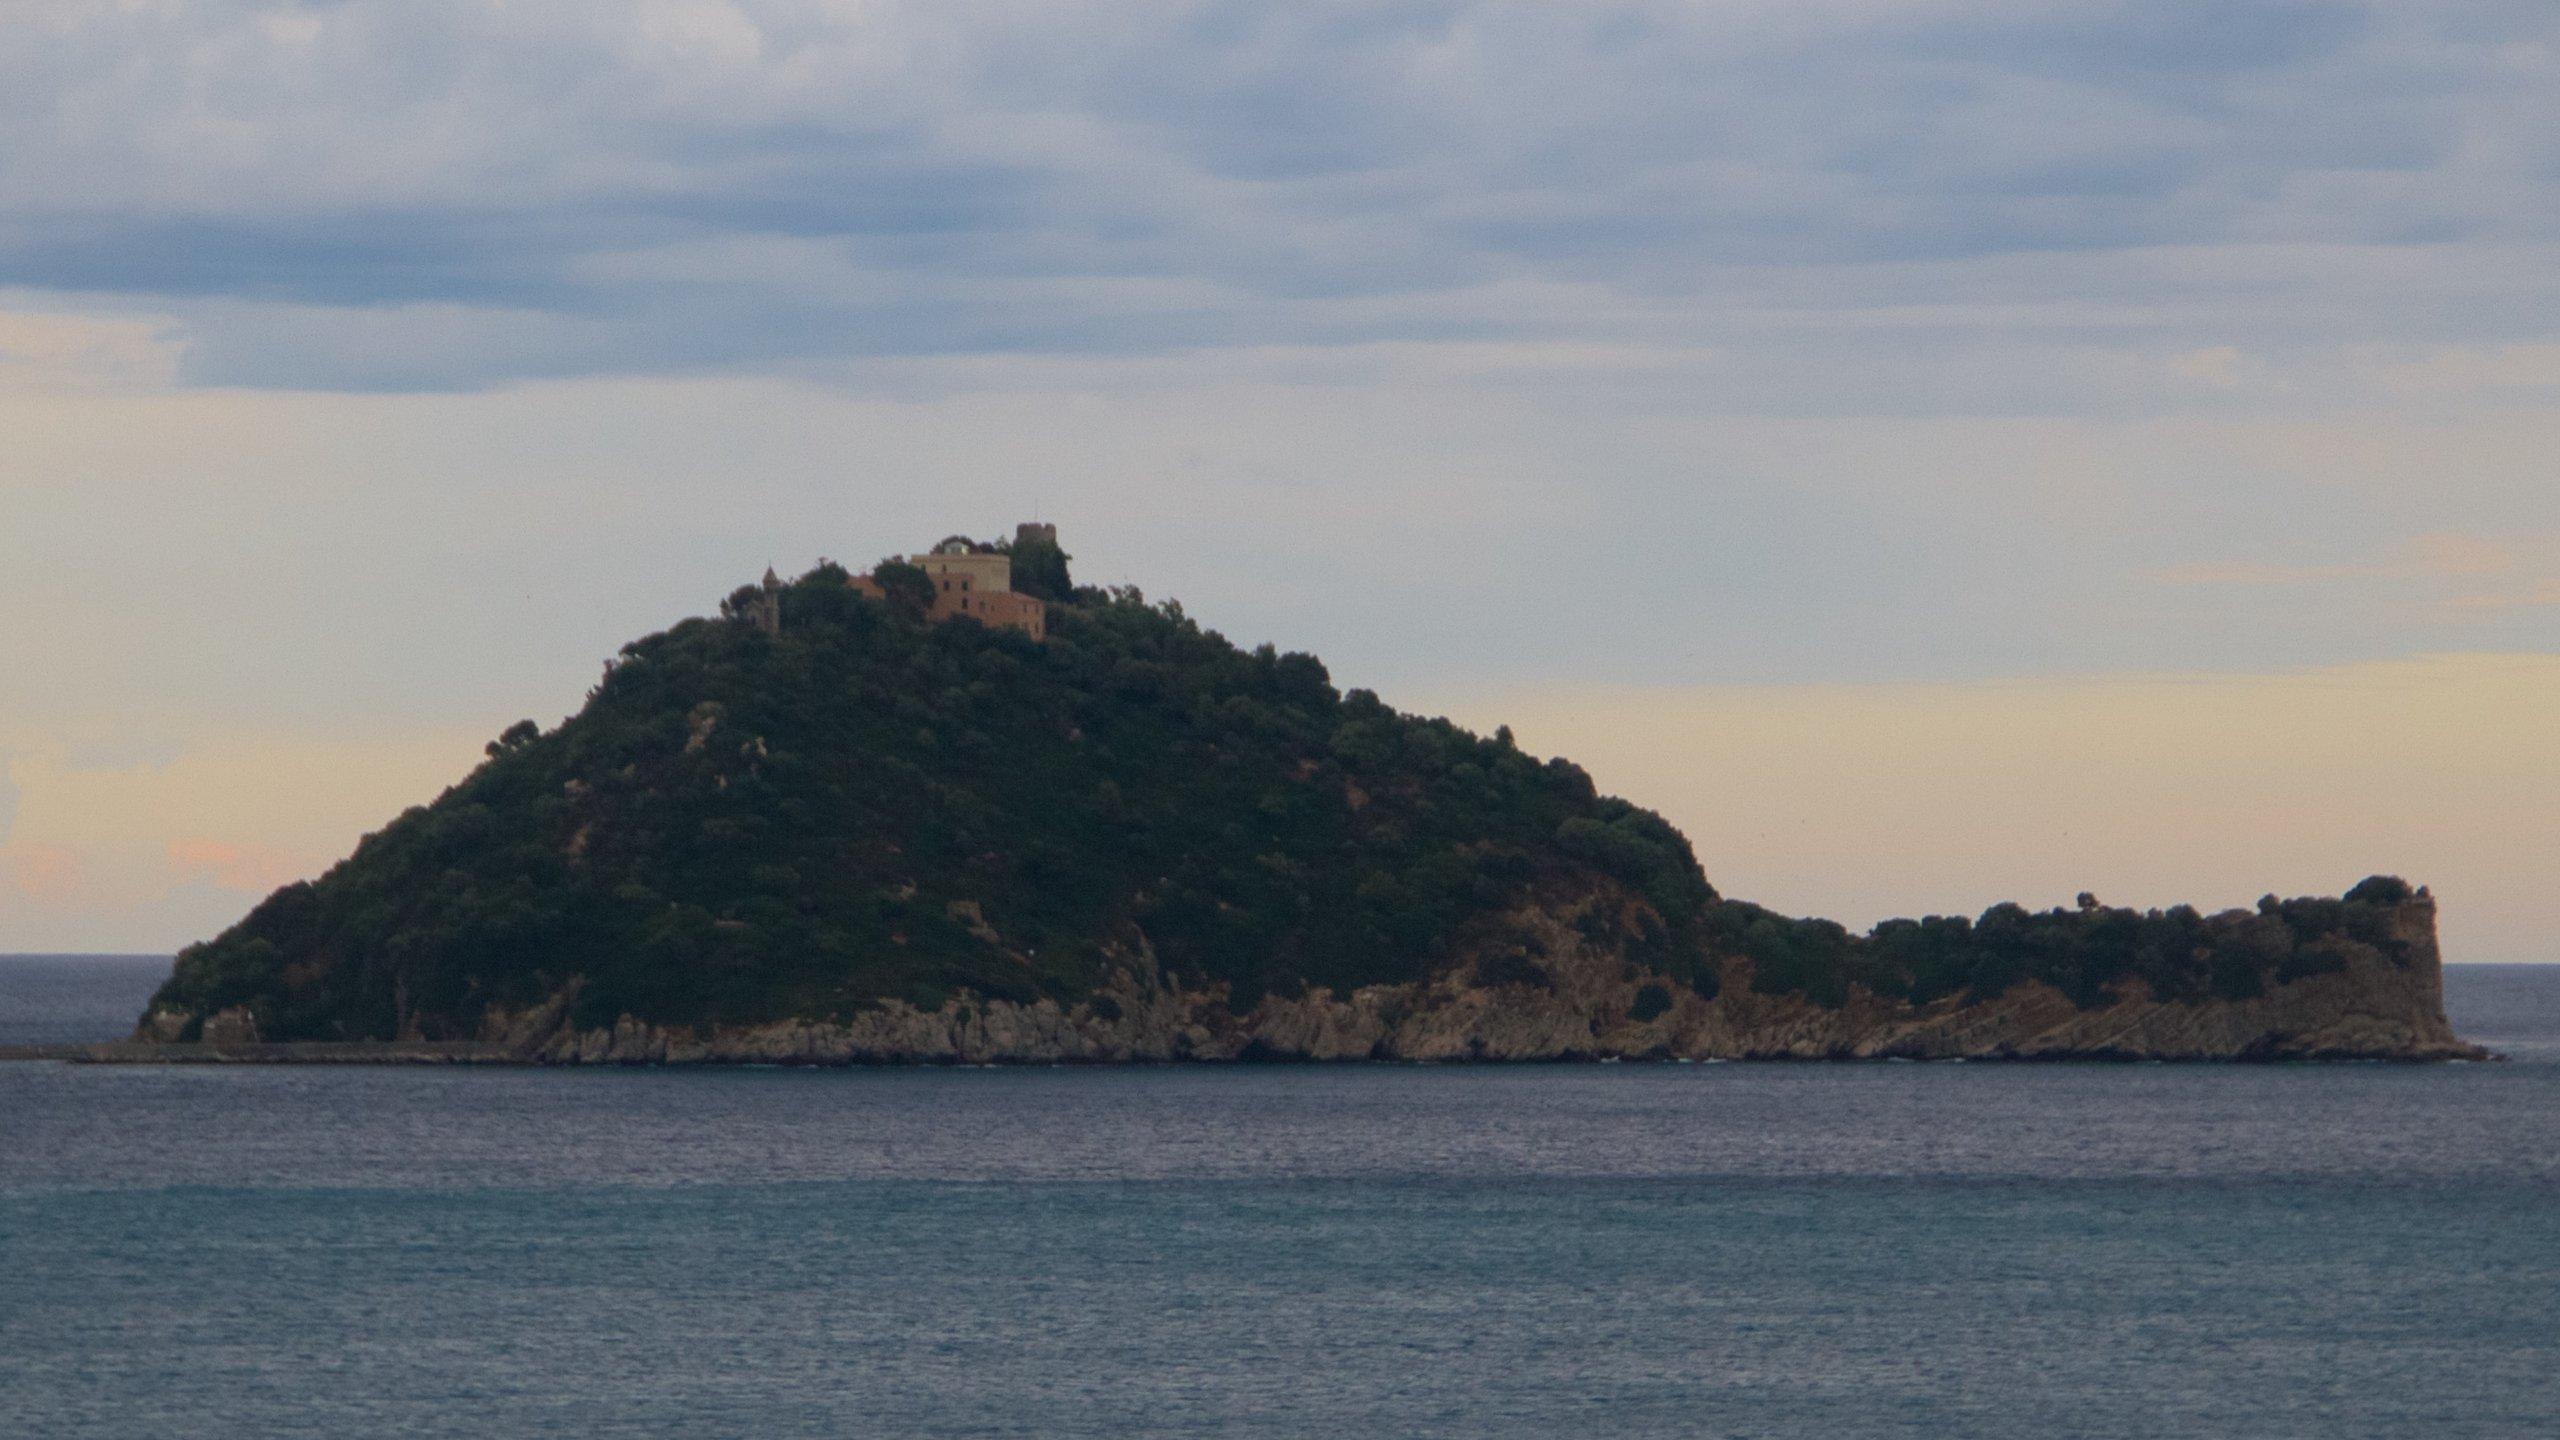 Province of Imperia, Liguria, Italy